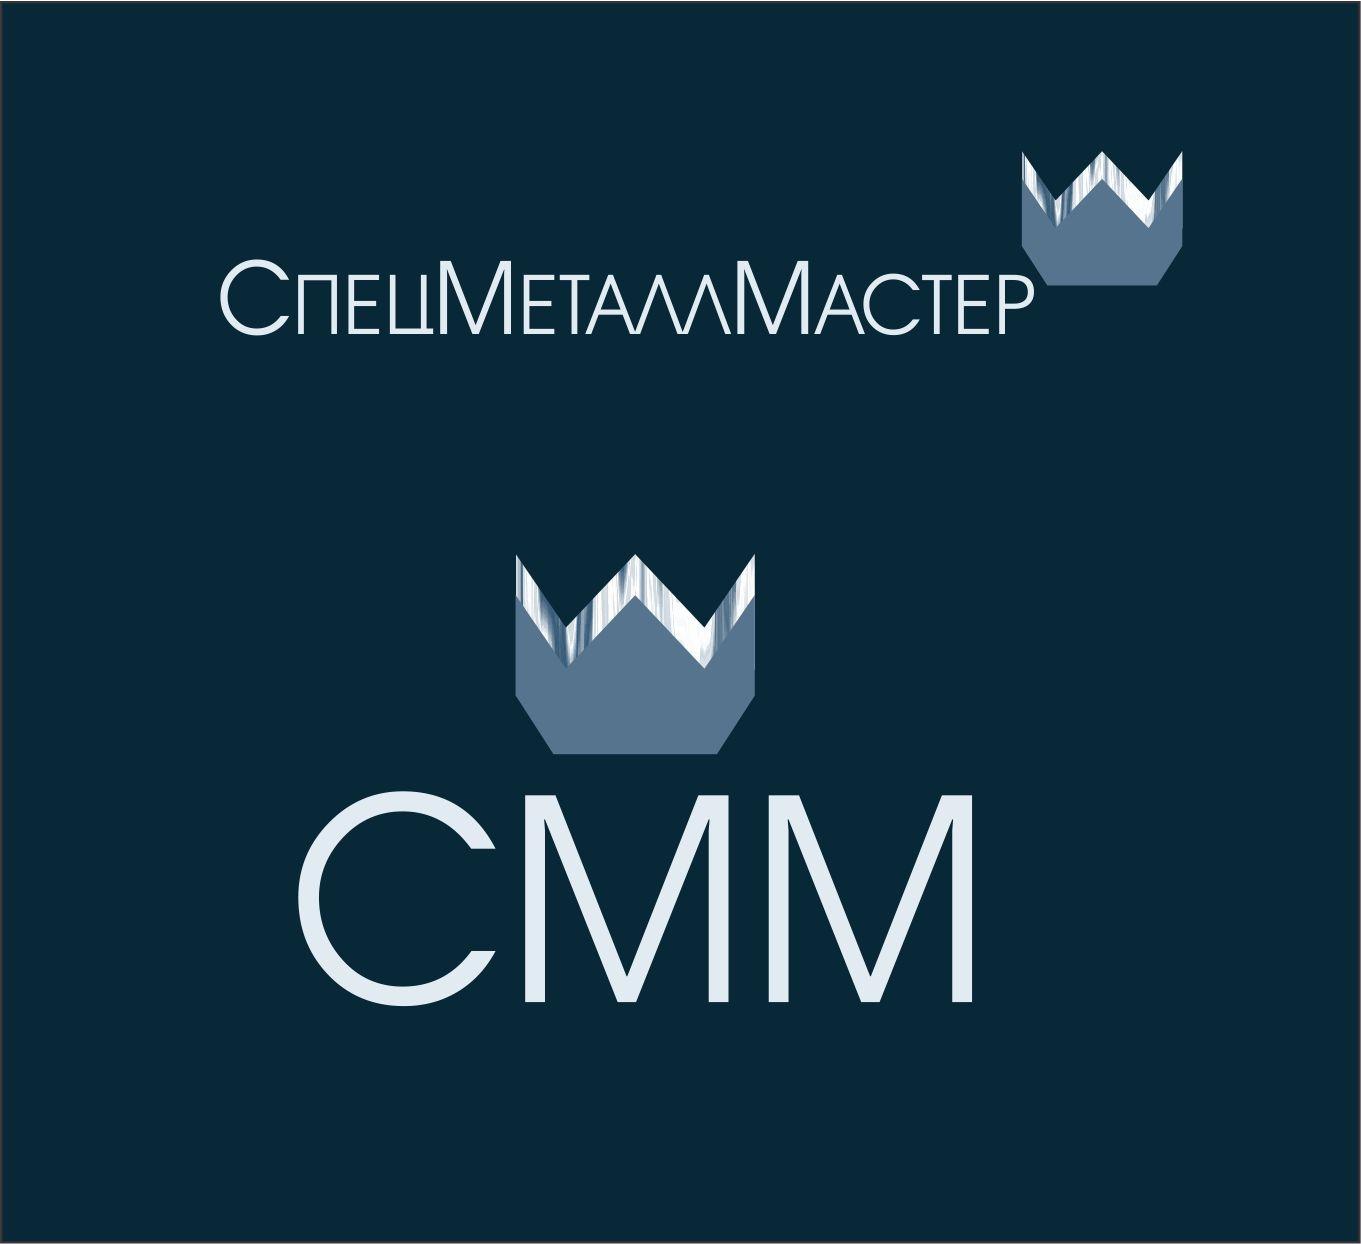 Логотип для металлургической компании - дизайнер 79156510795